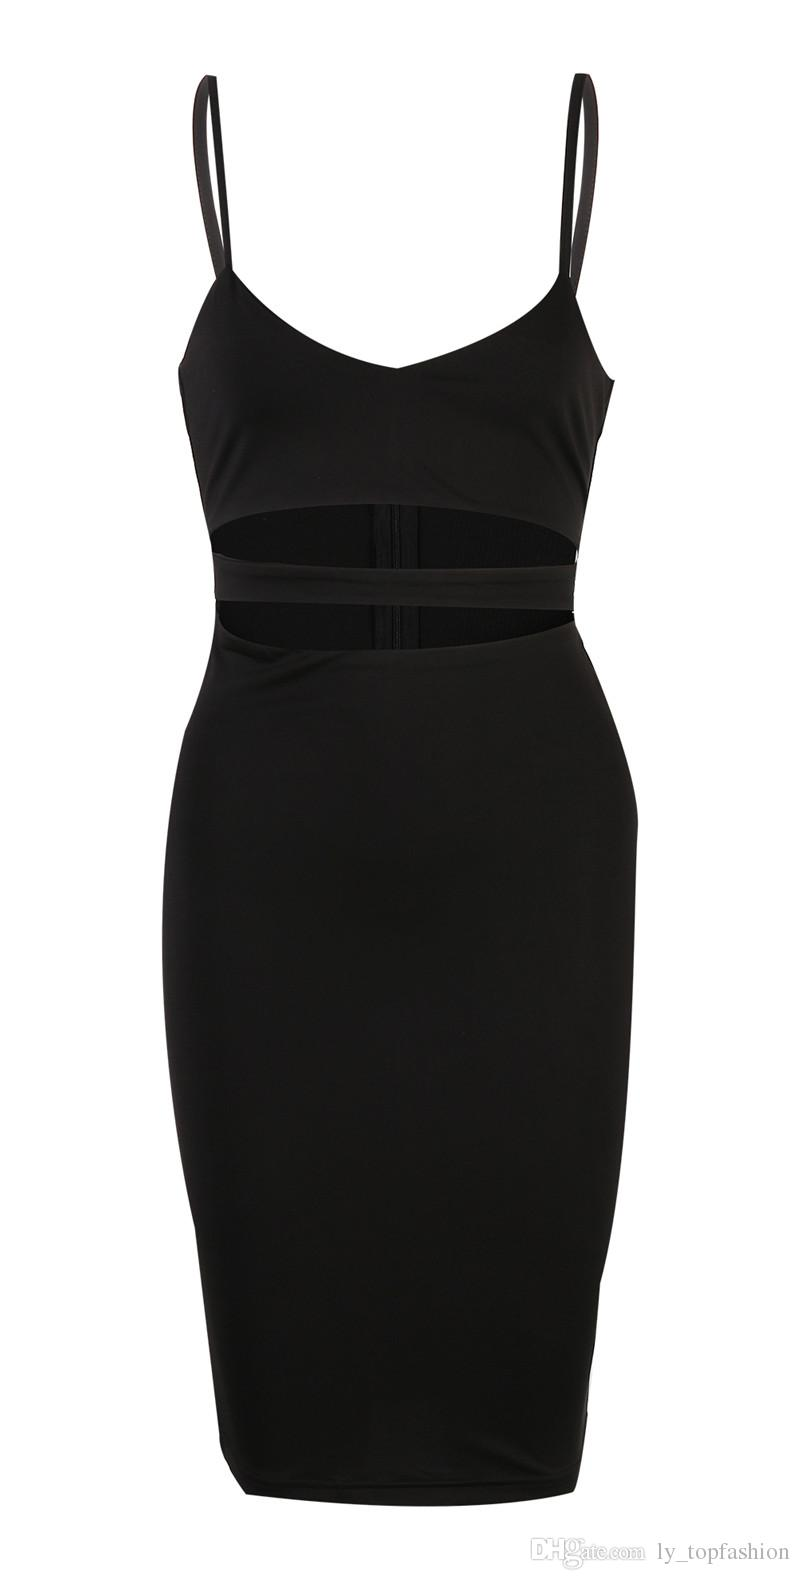 2020 Seksi Elbise Kulübü Wear 2016 Kadınlar vestidos Yaz Kolsuz BODYCON Elbise Pamuk Beyaz Siyah Midi Kalem Bandaj Parti Elbise